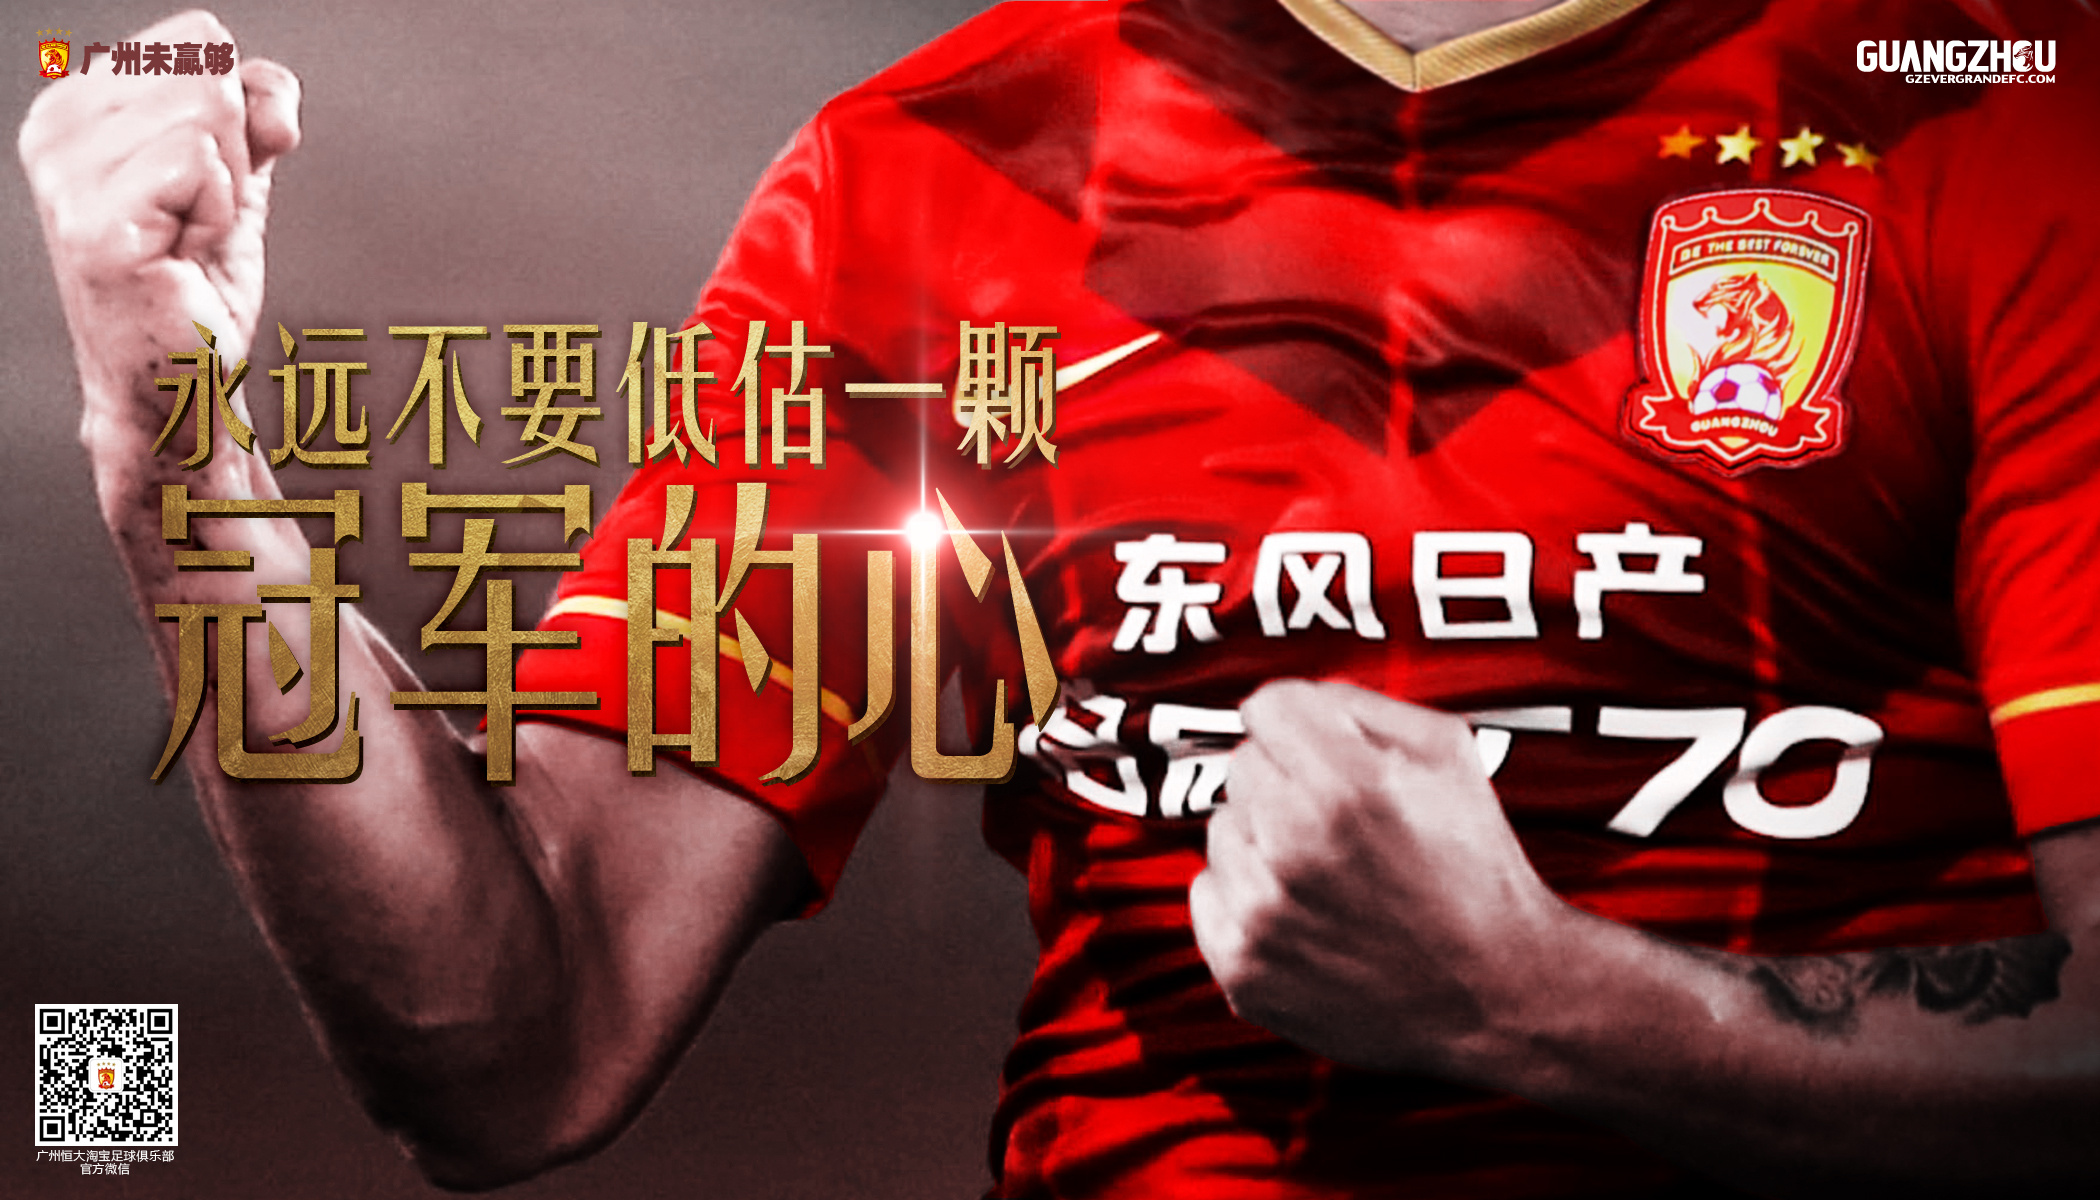 广州恒大足球招聘_广州恒大足球球票_广州恒大足球海报